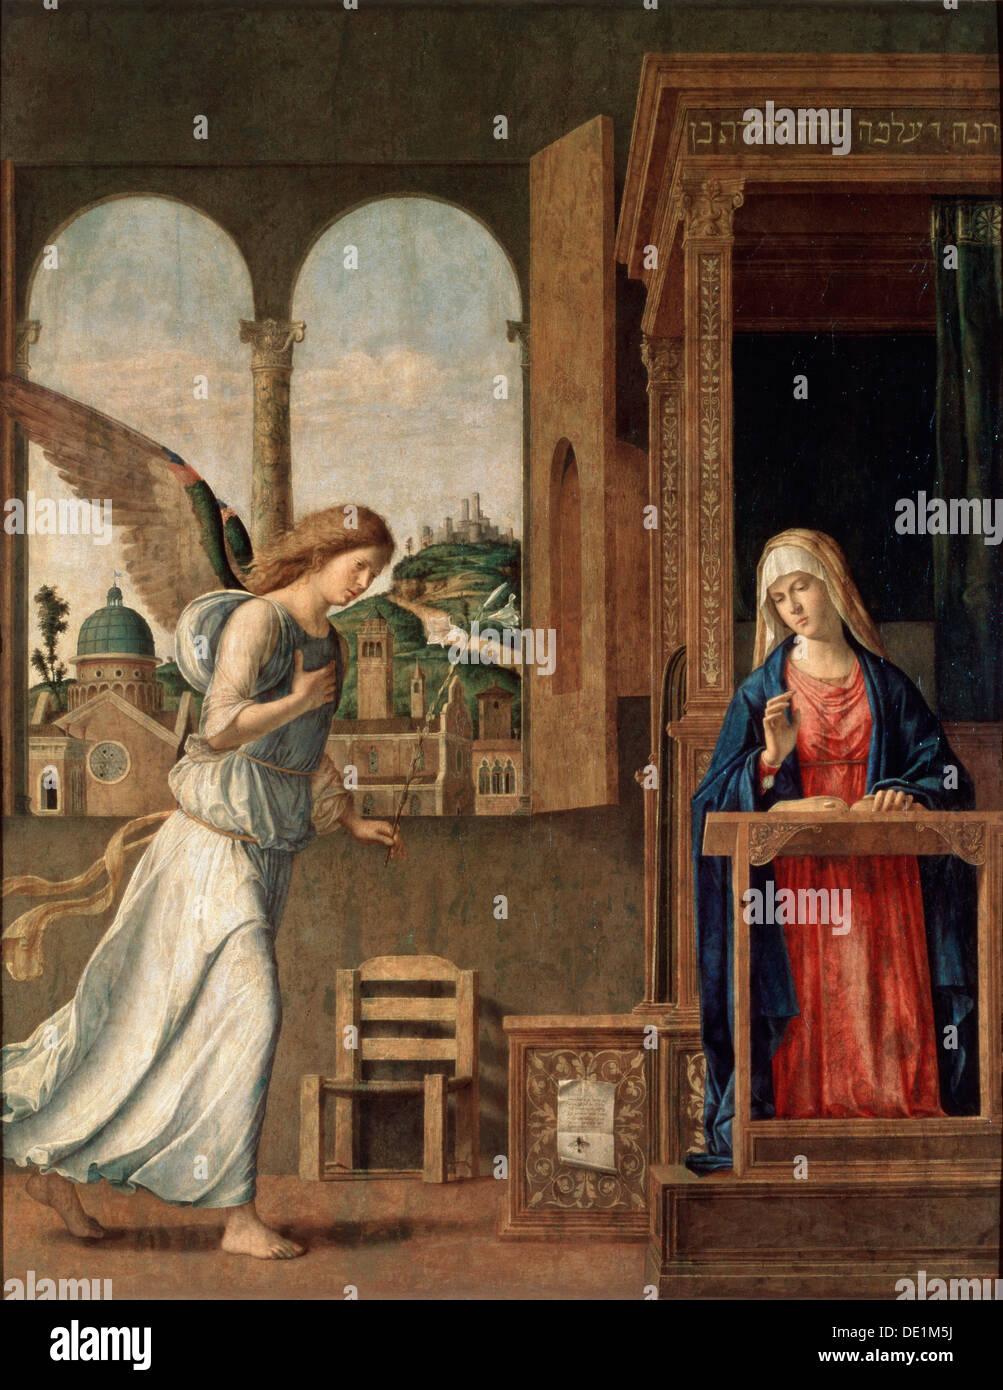 'The Annunciation', 1495.  Artist: Giovanni Battista Cima da Conegliano - Stock Image